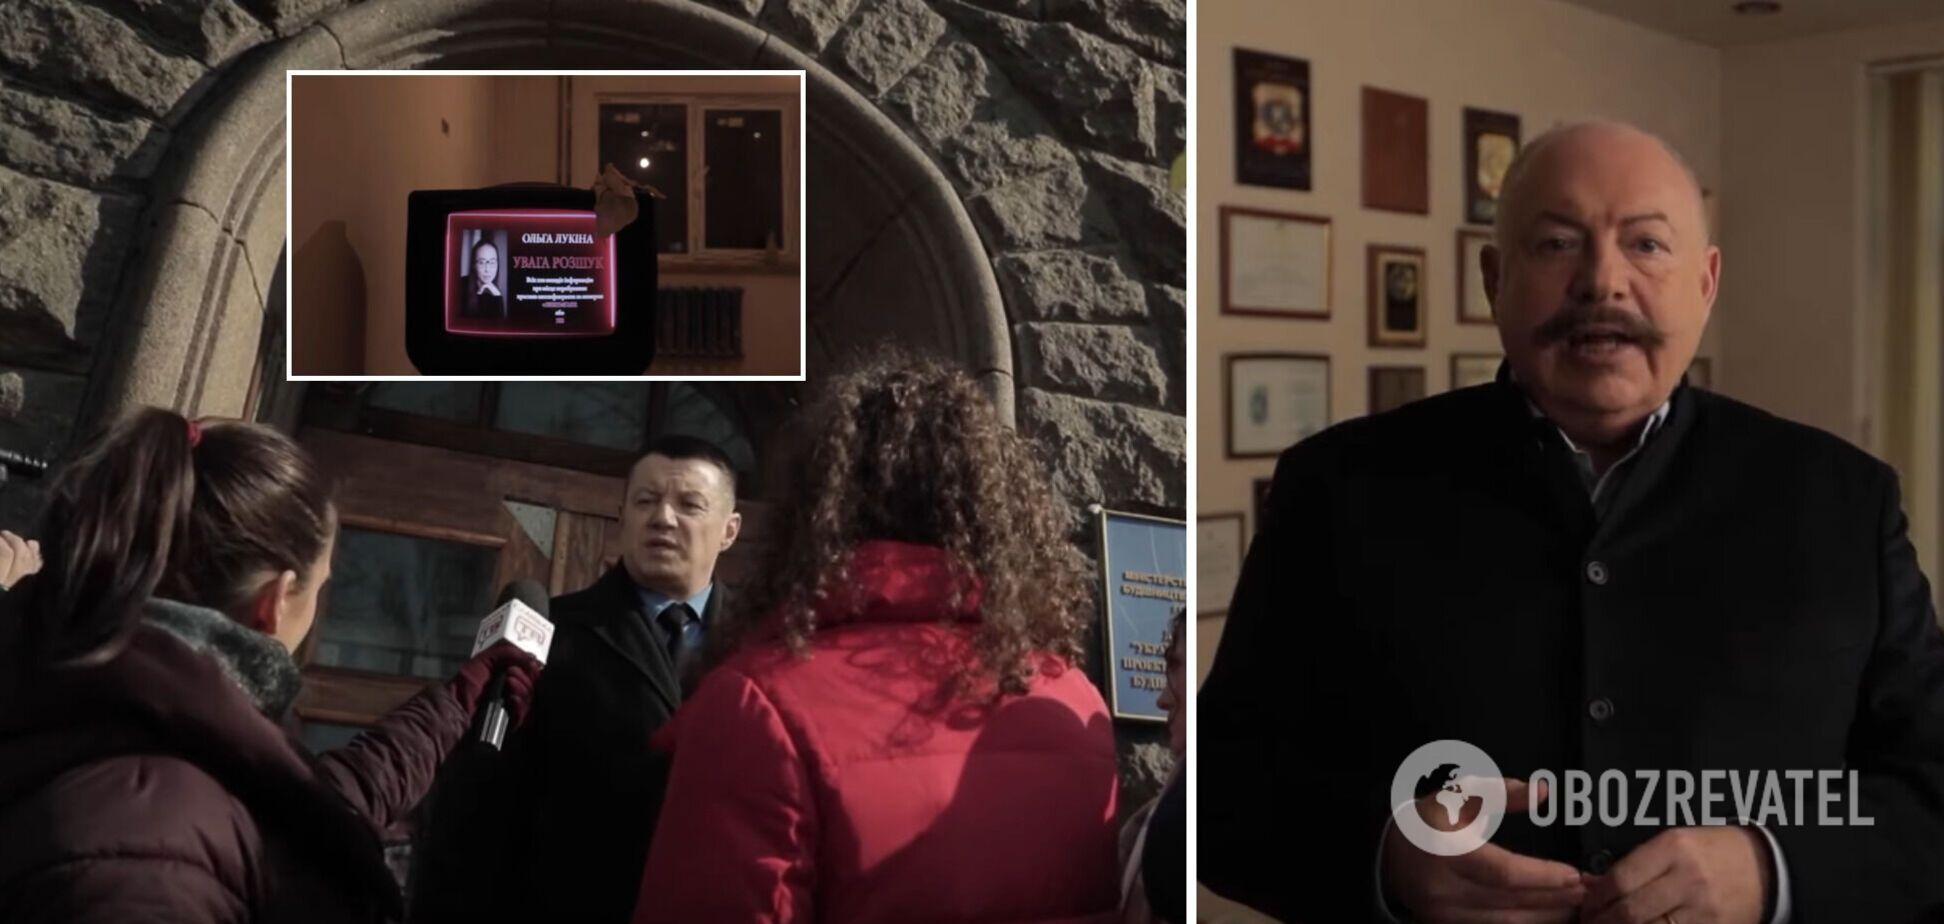 В детективе 'Ход прокурора' с Пискуном рассказали о резонансной истории исчезновения журналистки в Киеве. Видео